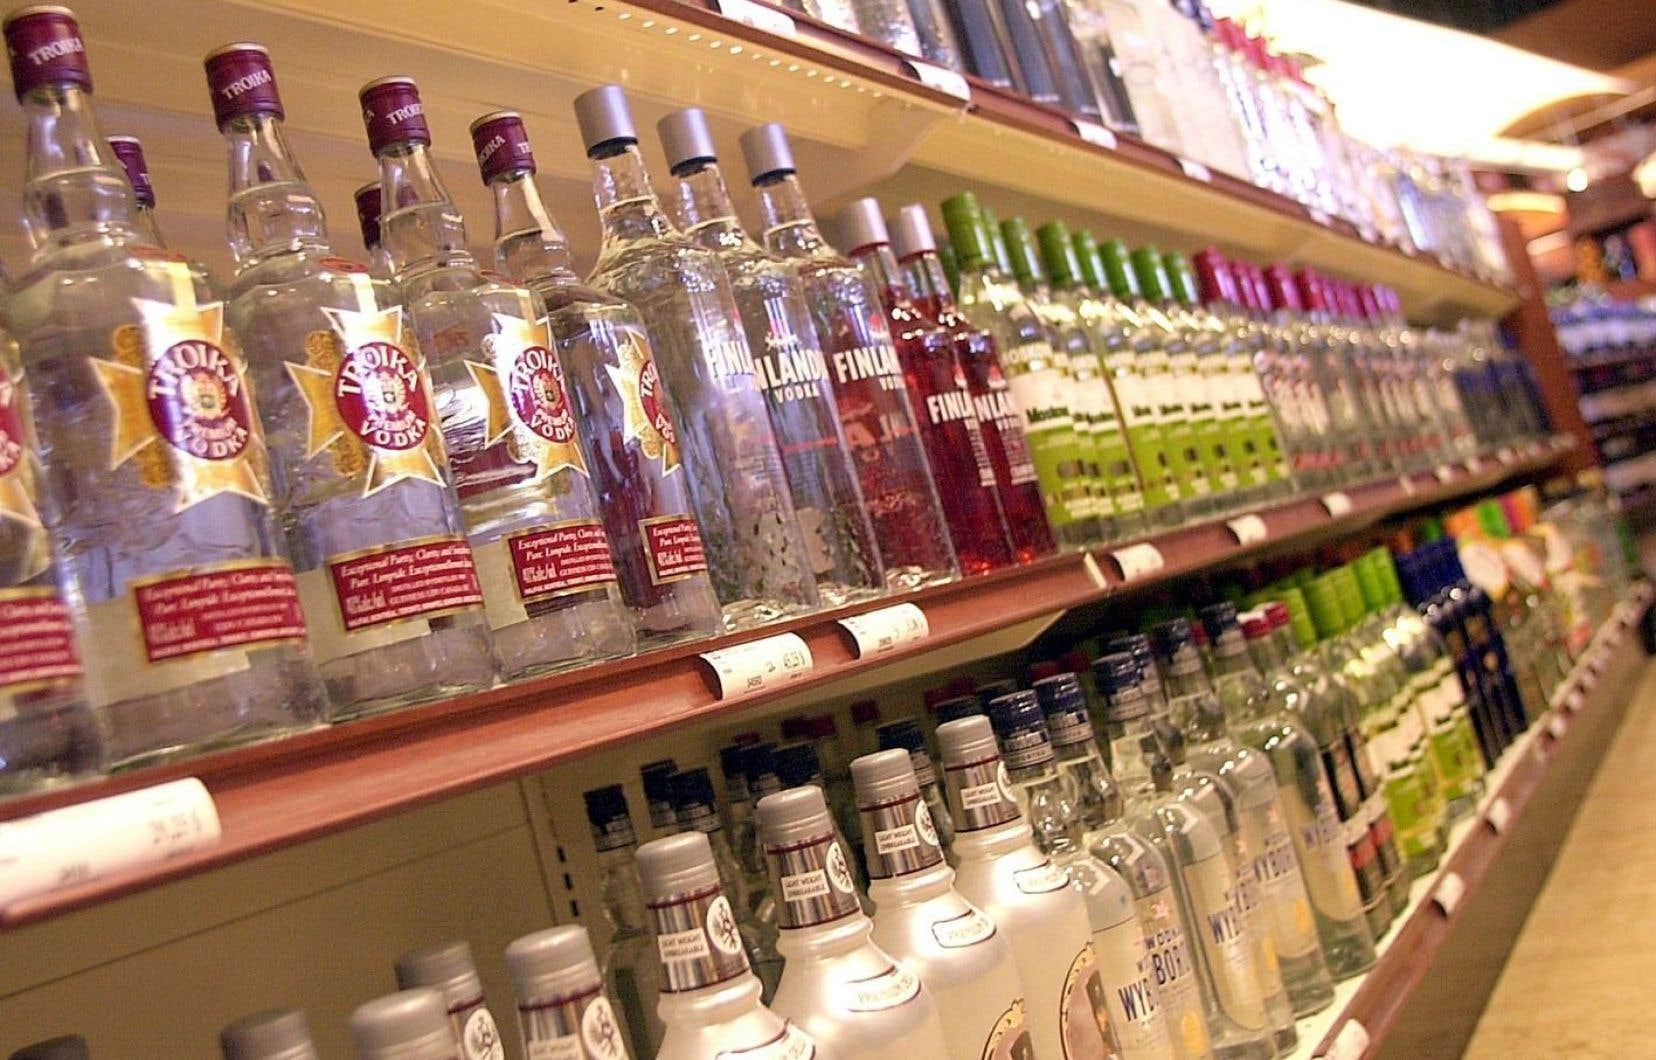 L'organisme Éduc'alcool fait de la prévention au sujet de la consommation d'alcool.